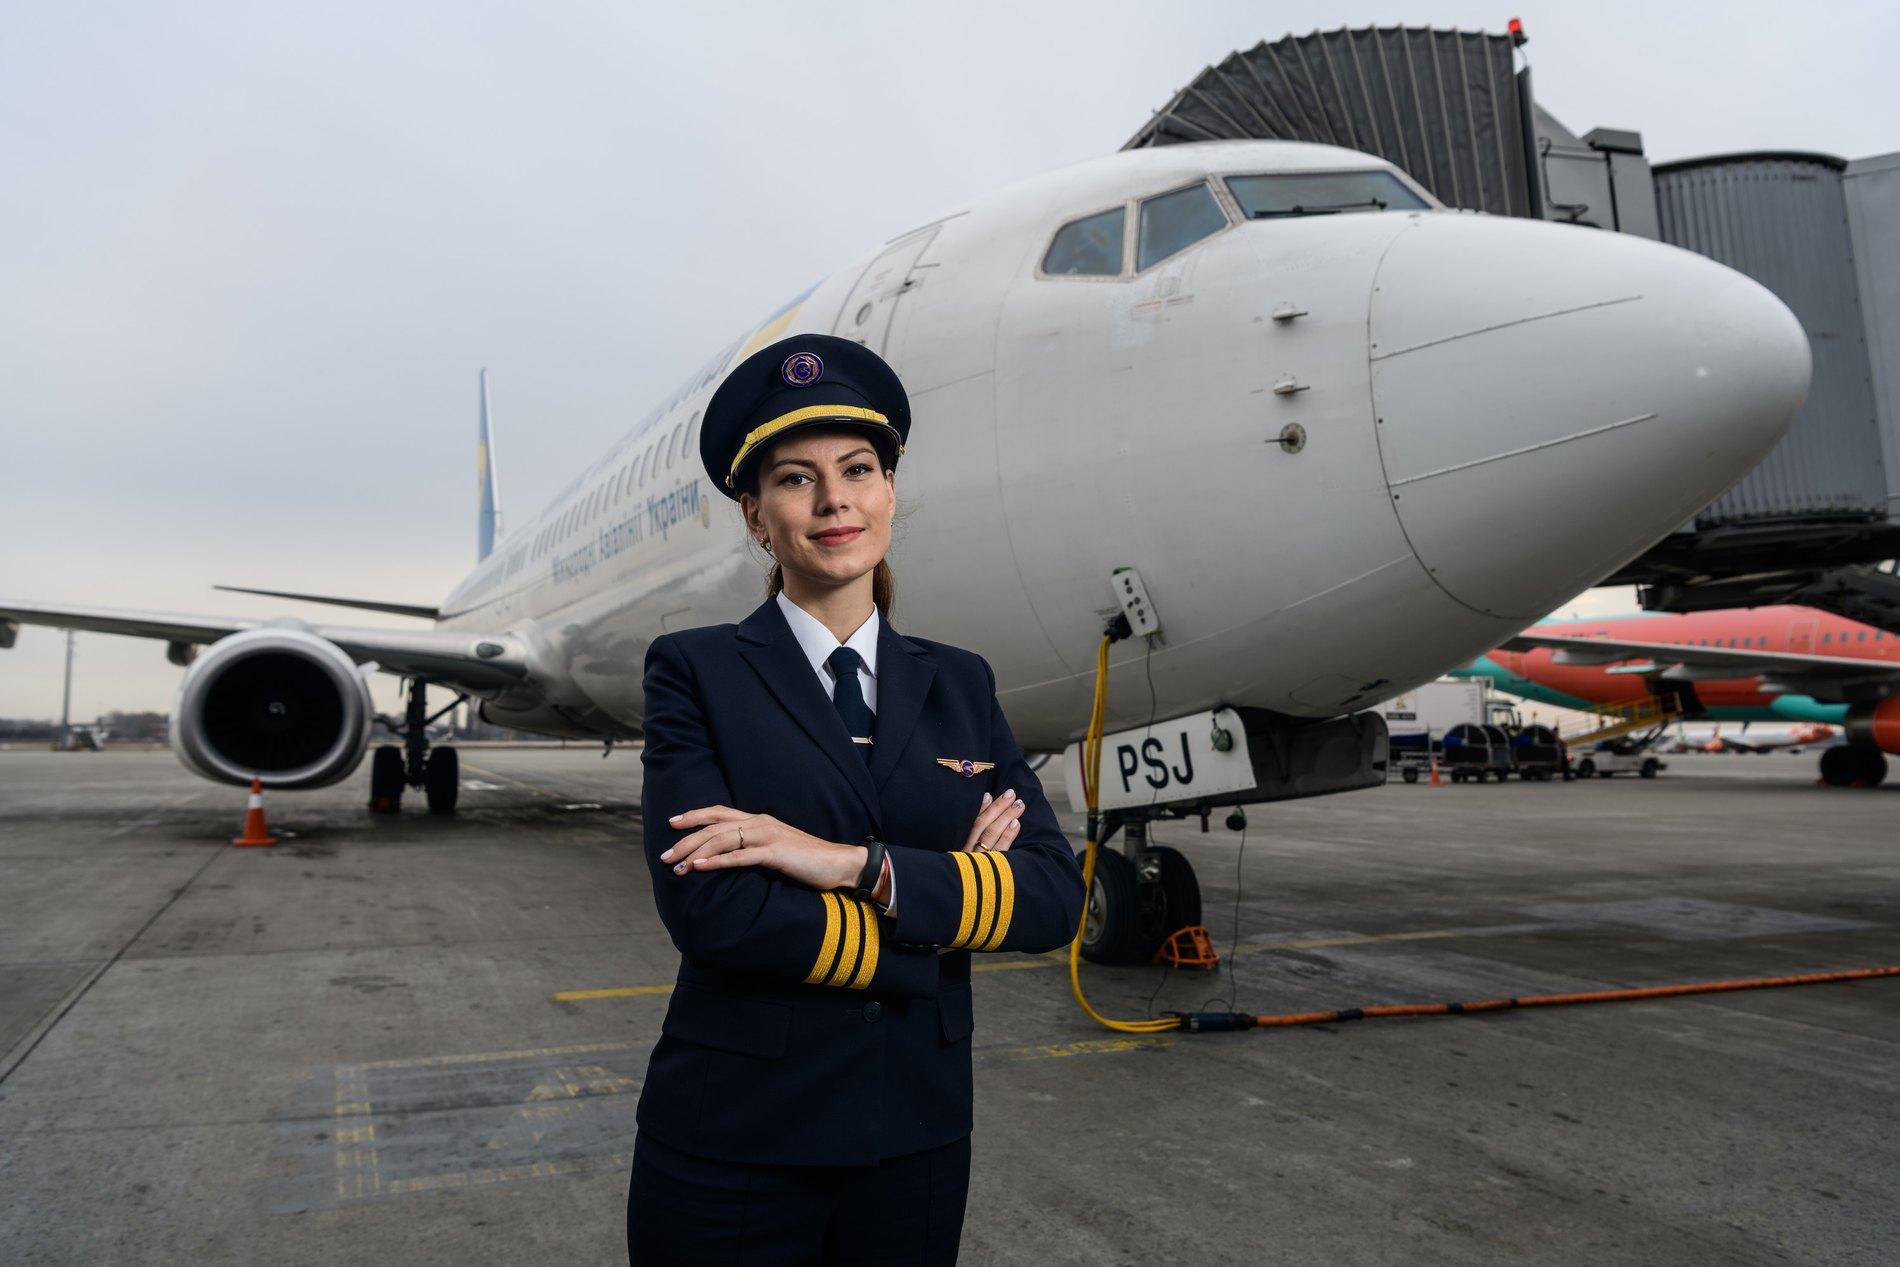 Жінки, які працюють в аеропорту «Бориспіль», хто вони? (частина 1) -  - 8v4 obpR0OuLM0K1SIhYrA 1